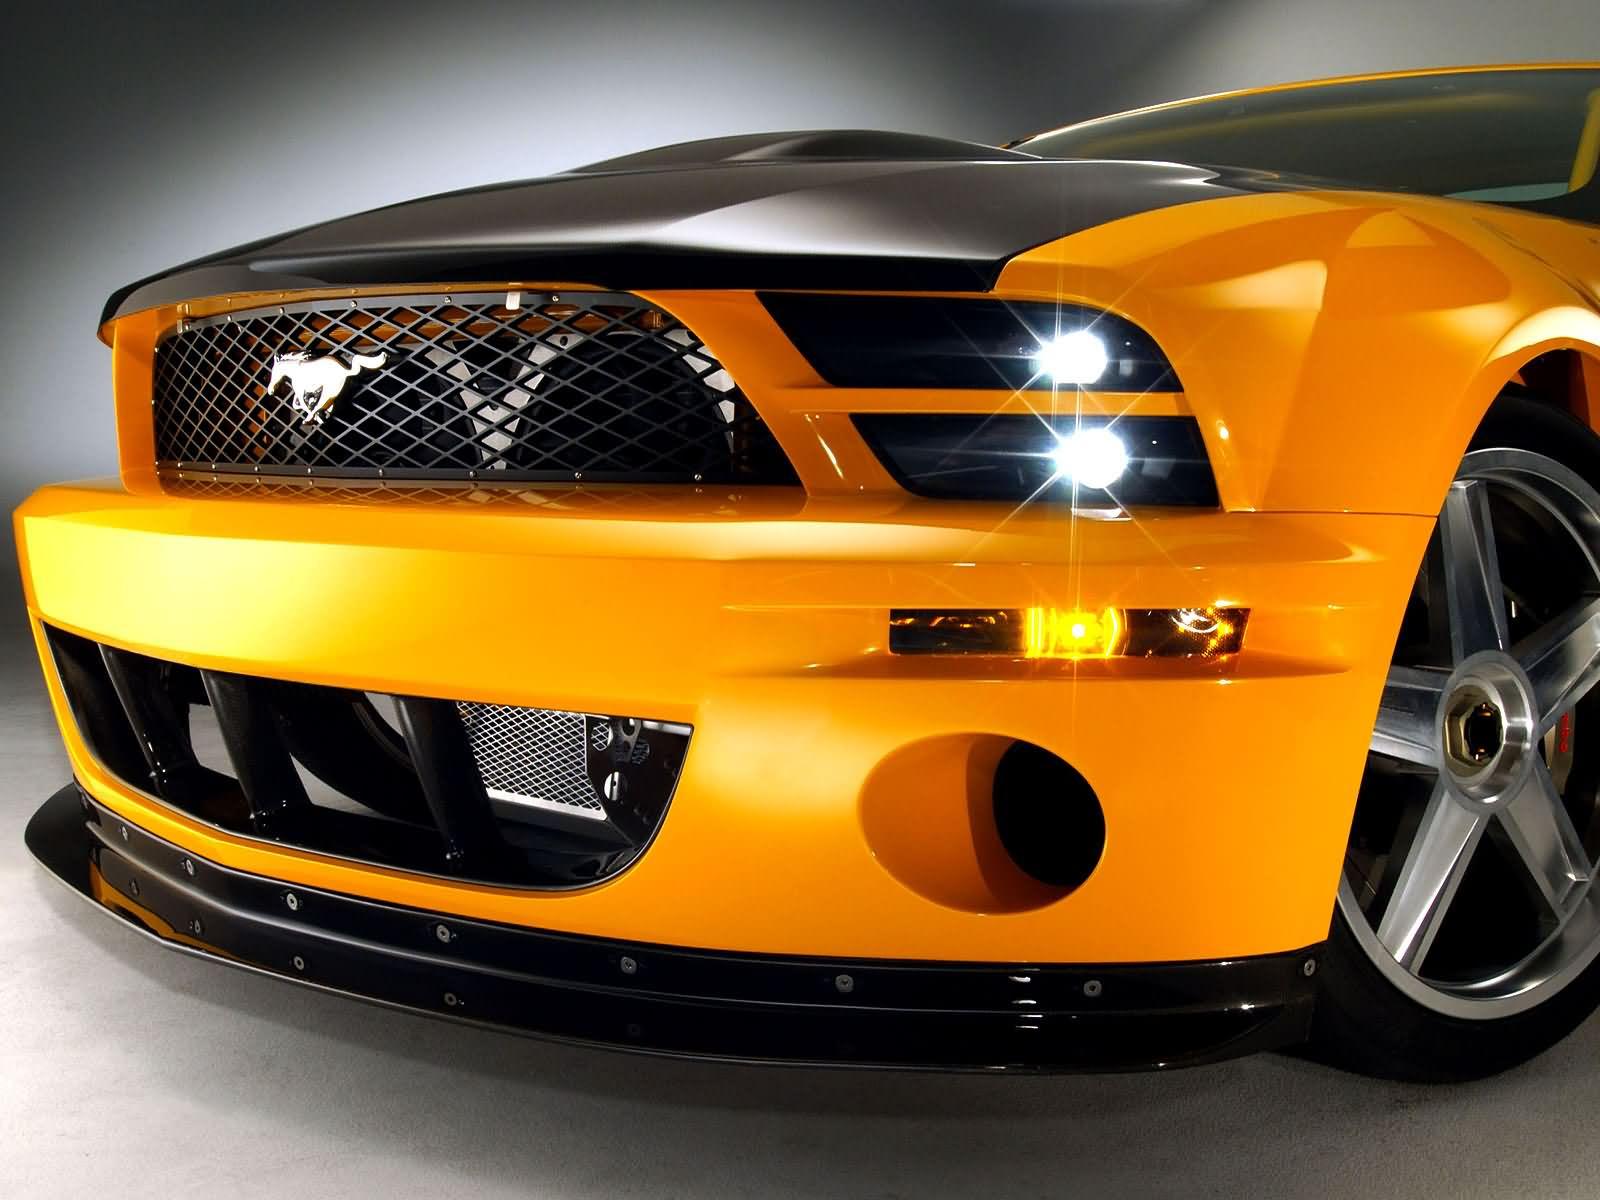 http://1.bp.blogspot.com/_6v3rmG6qY2o/TFGIE1SK-XI/AAAAAAAAAAU/Jb4Tm7zRIII/s1600/Ford%20Mustang%20GT-R.jpg